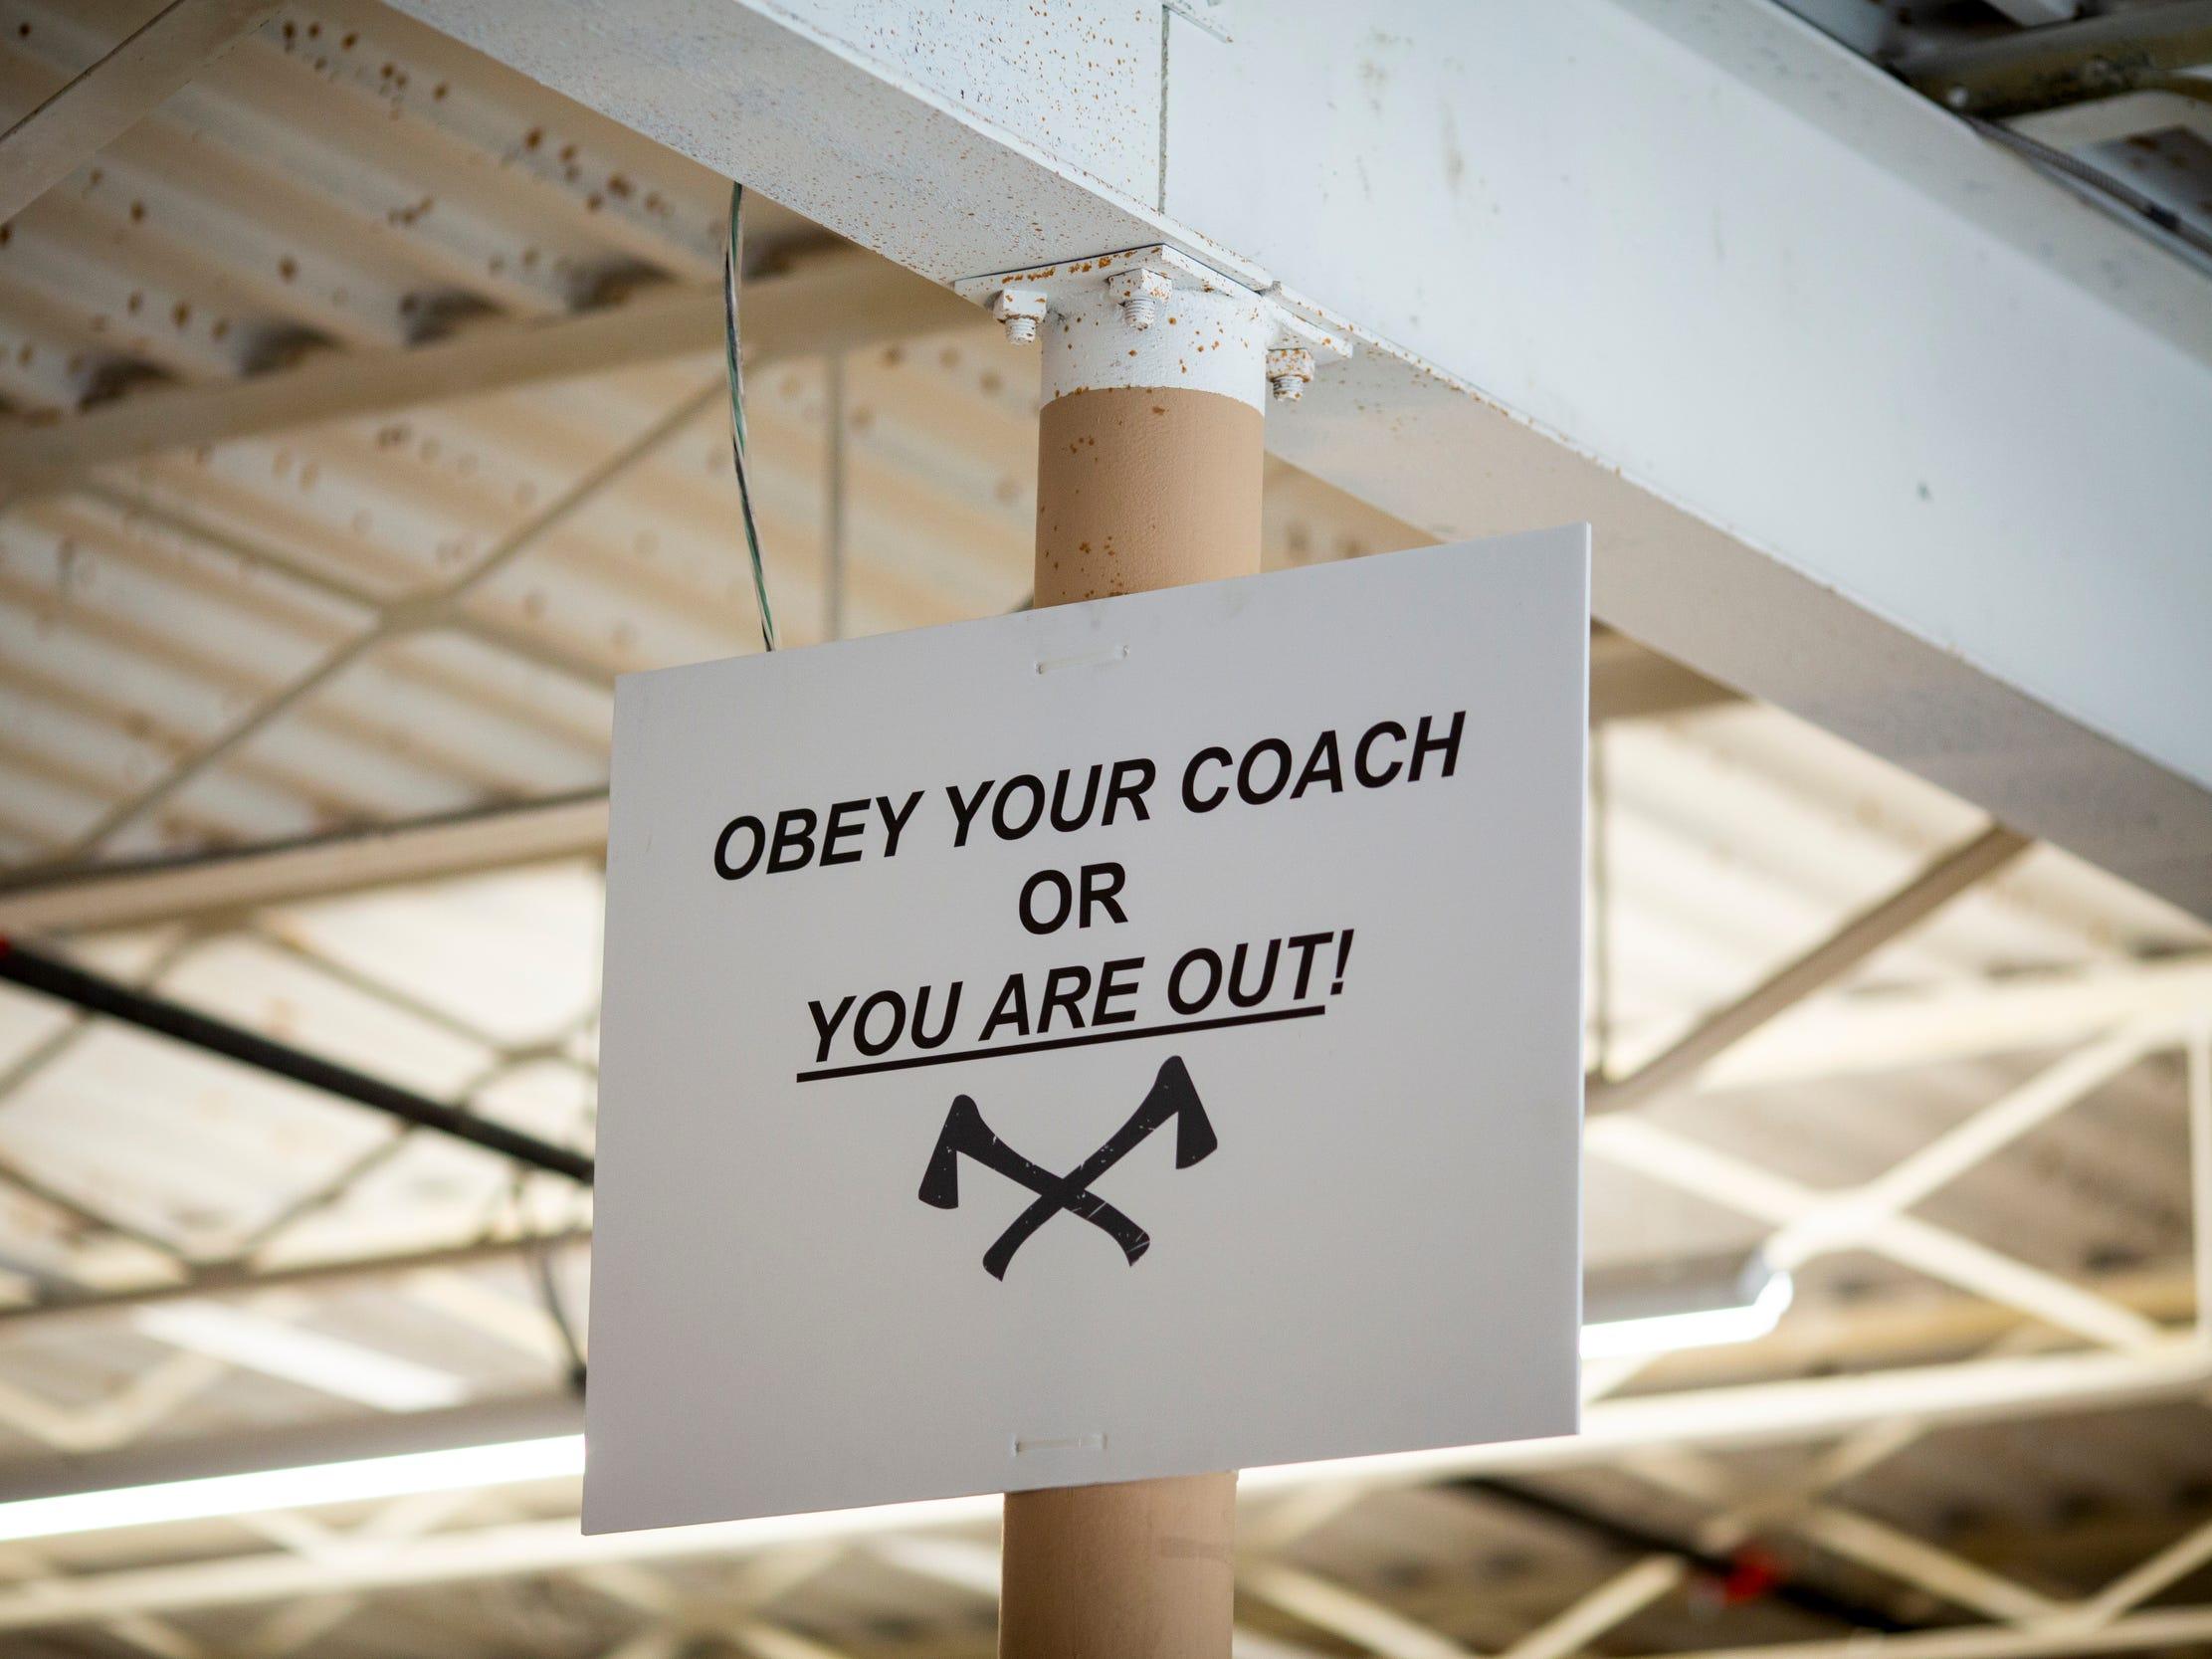 Coaches at Urban Axes Cincinnati teach patrons how to throw axes safely in each arena.